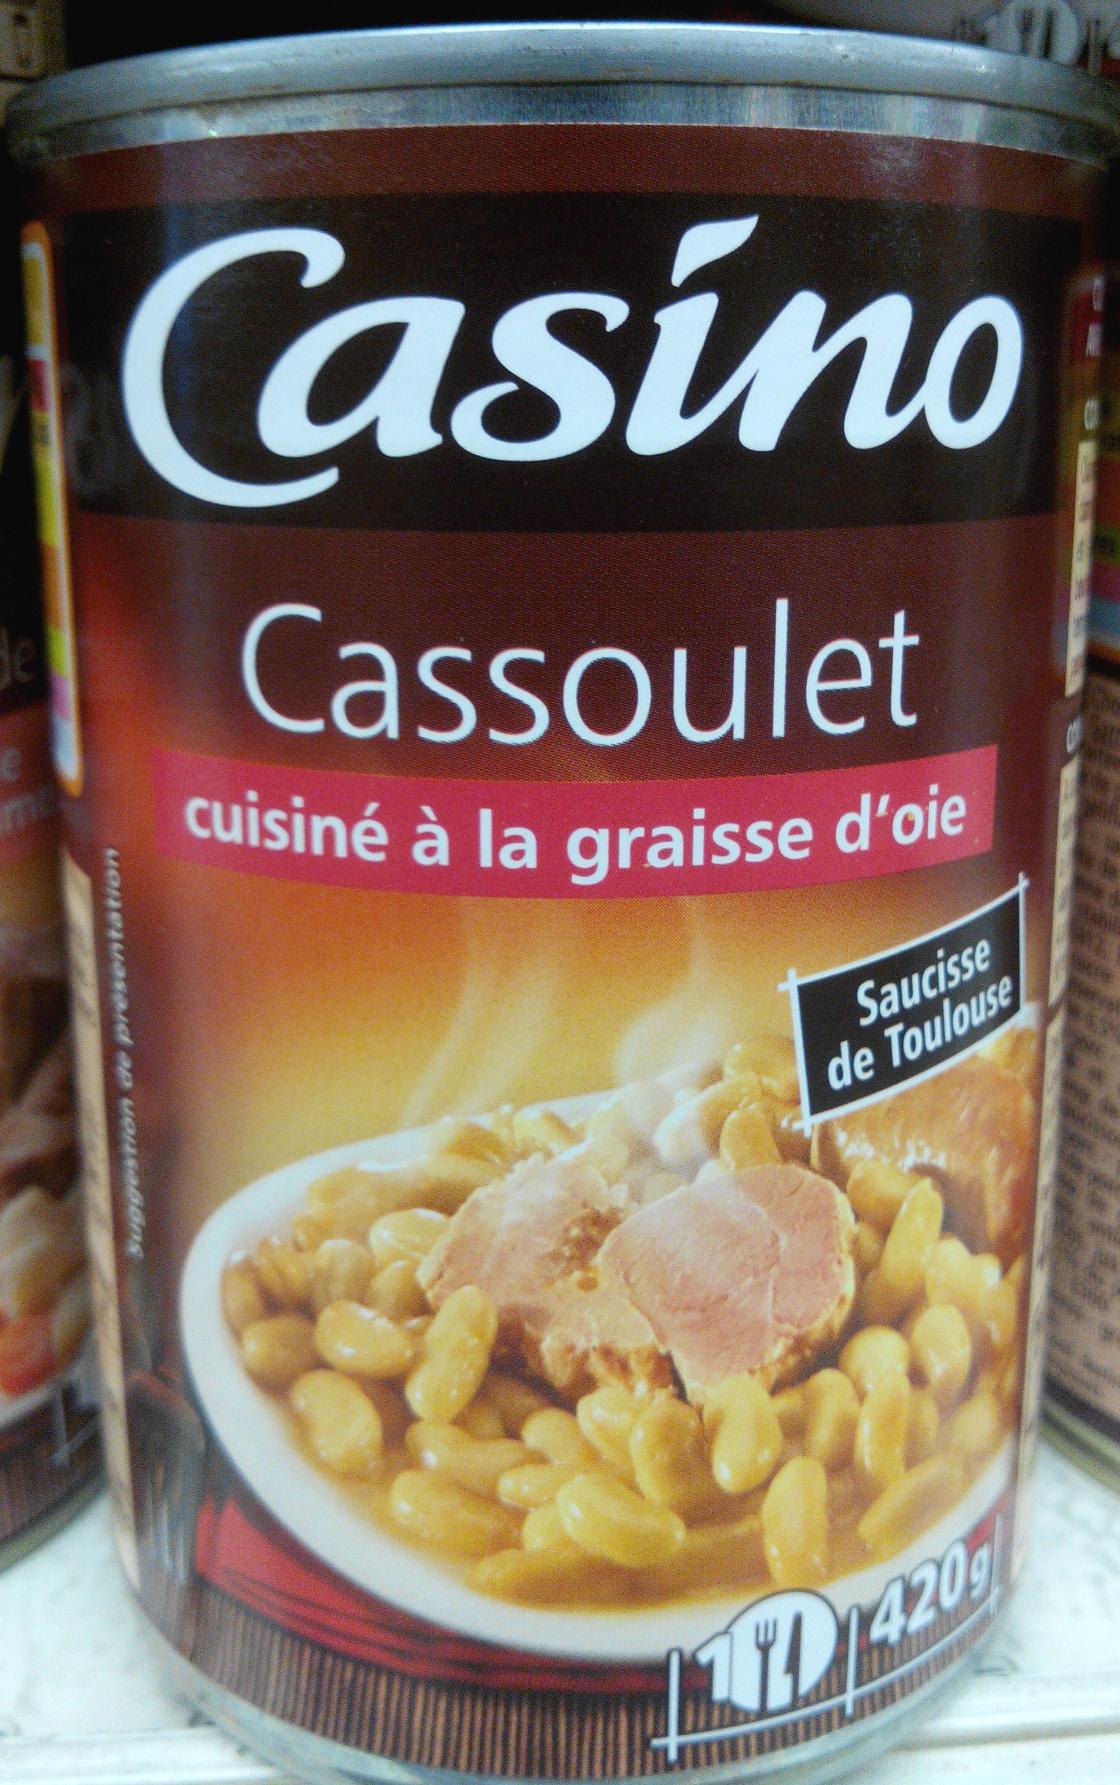 Cassoulet cuisiné à la graisse d'oie - Produit